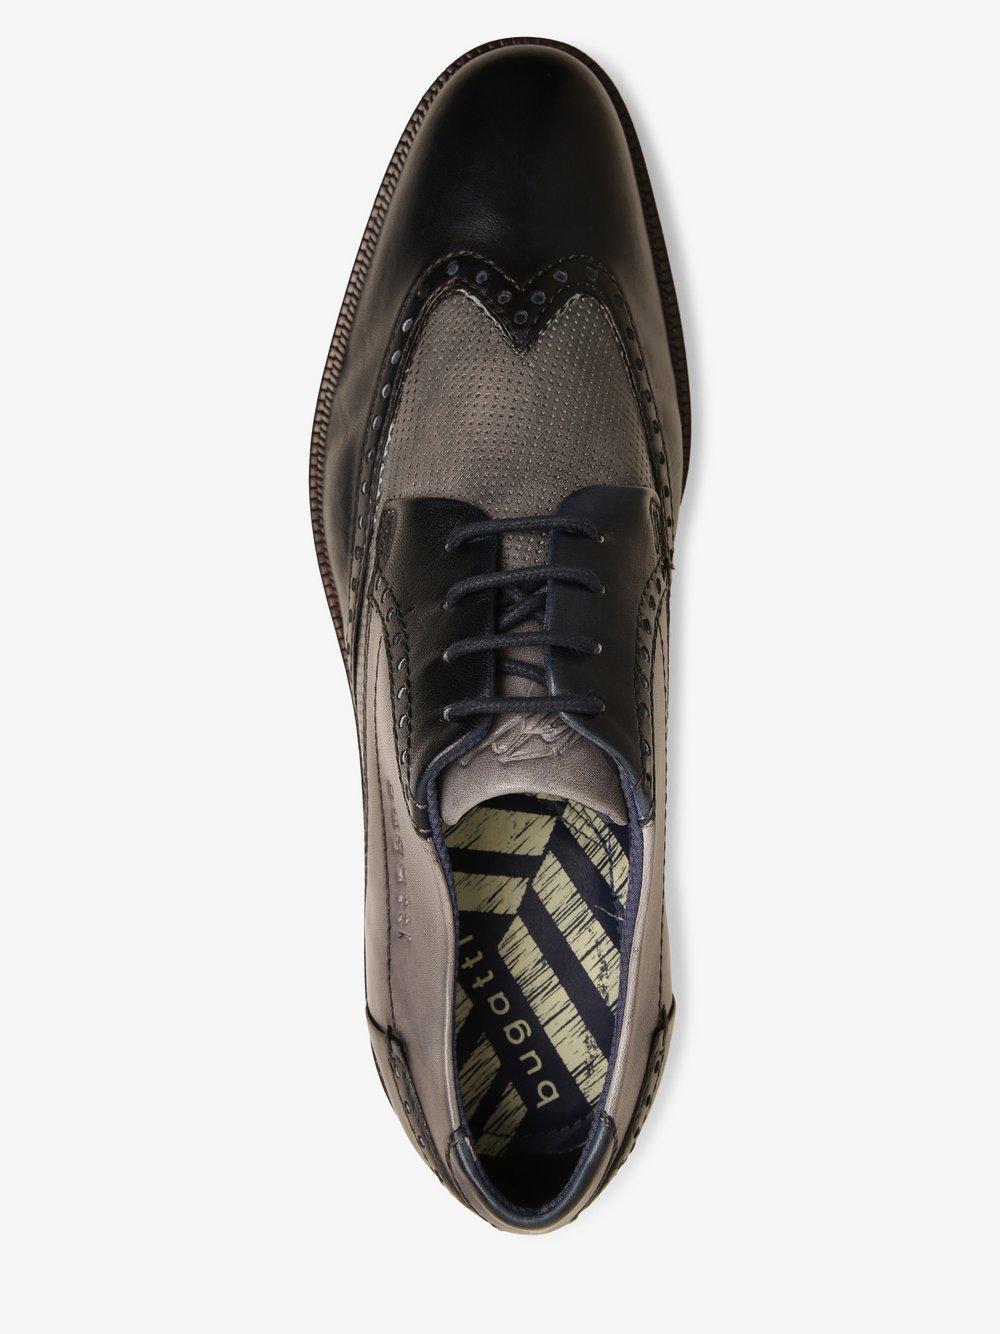 herren schnuerschuhe bugatti herren sneaker schn  rschuhe freizeitschuhe  bugatti herren sneaker schn  rschuhe